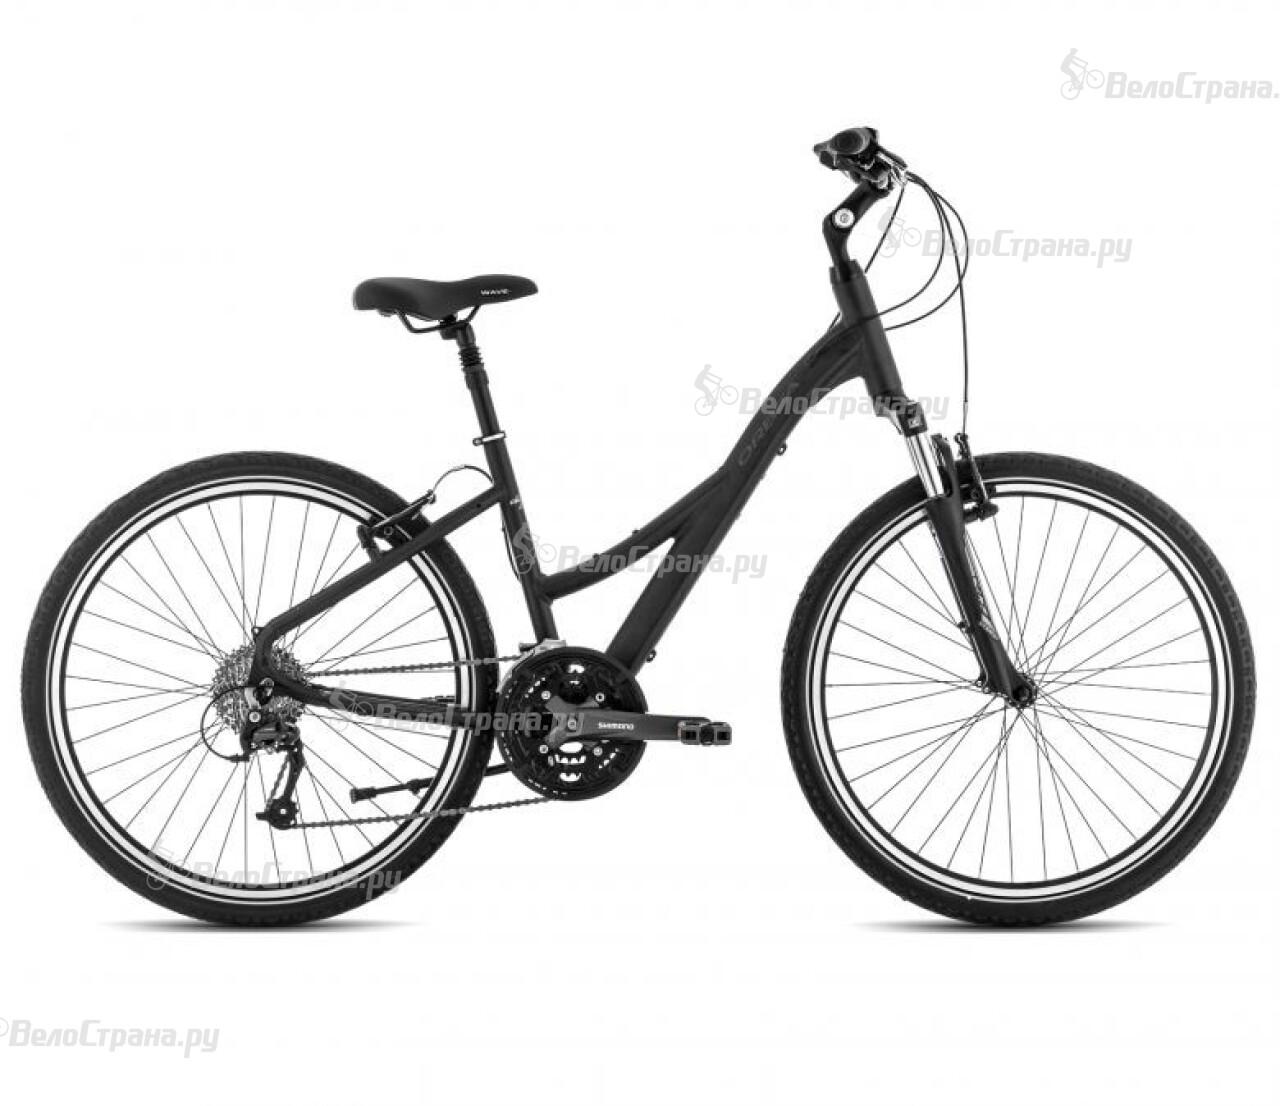 Велосипед Orbea Comfort 26 10 Open (2014) велосипед orbea comfort 26 30 open eq 2014